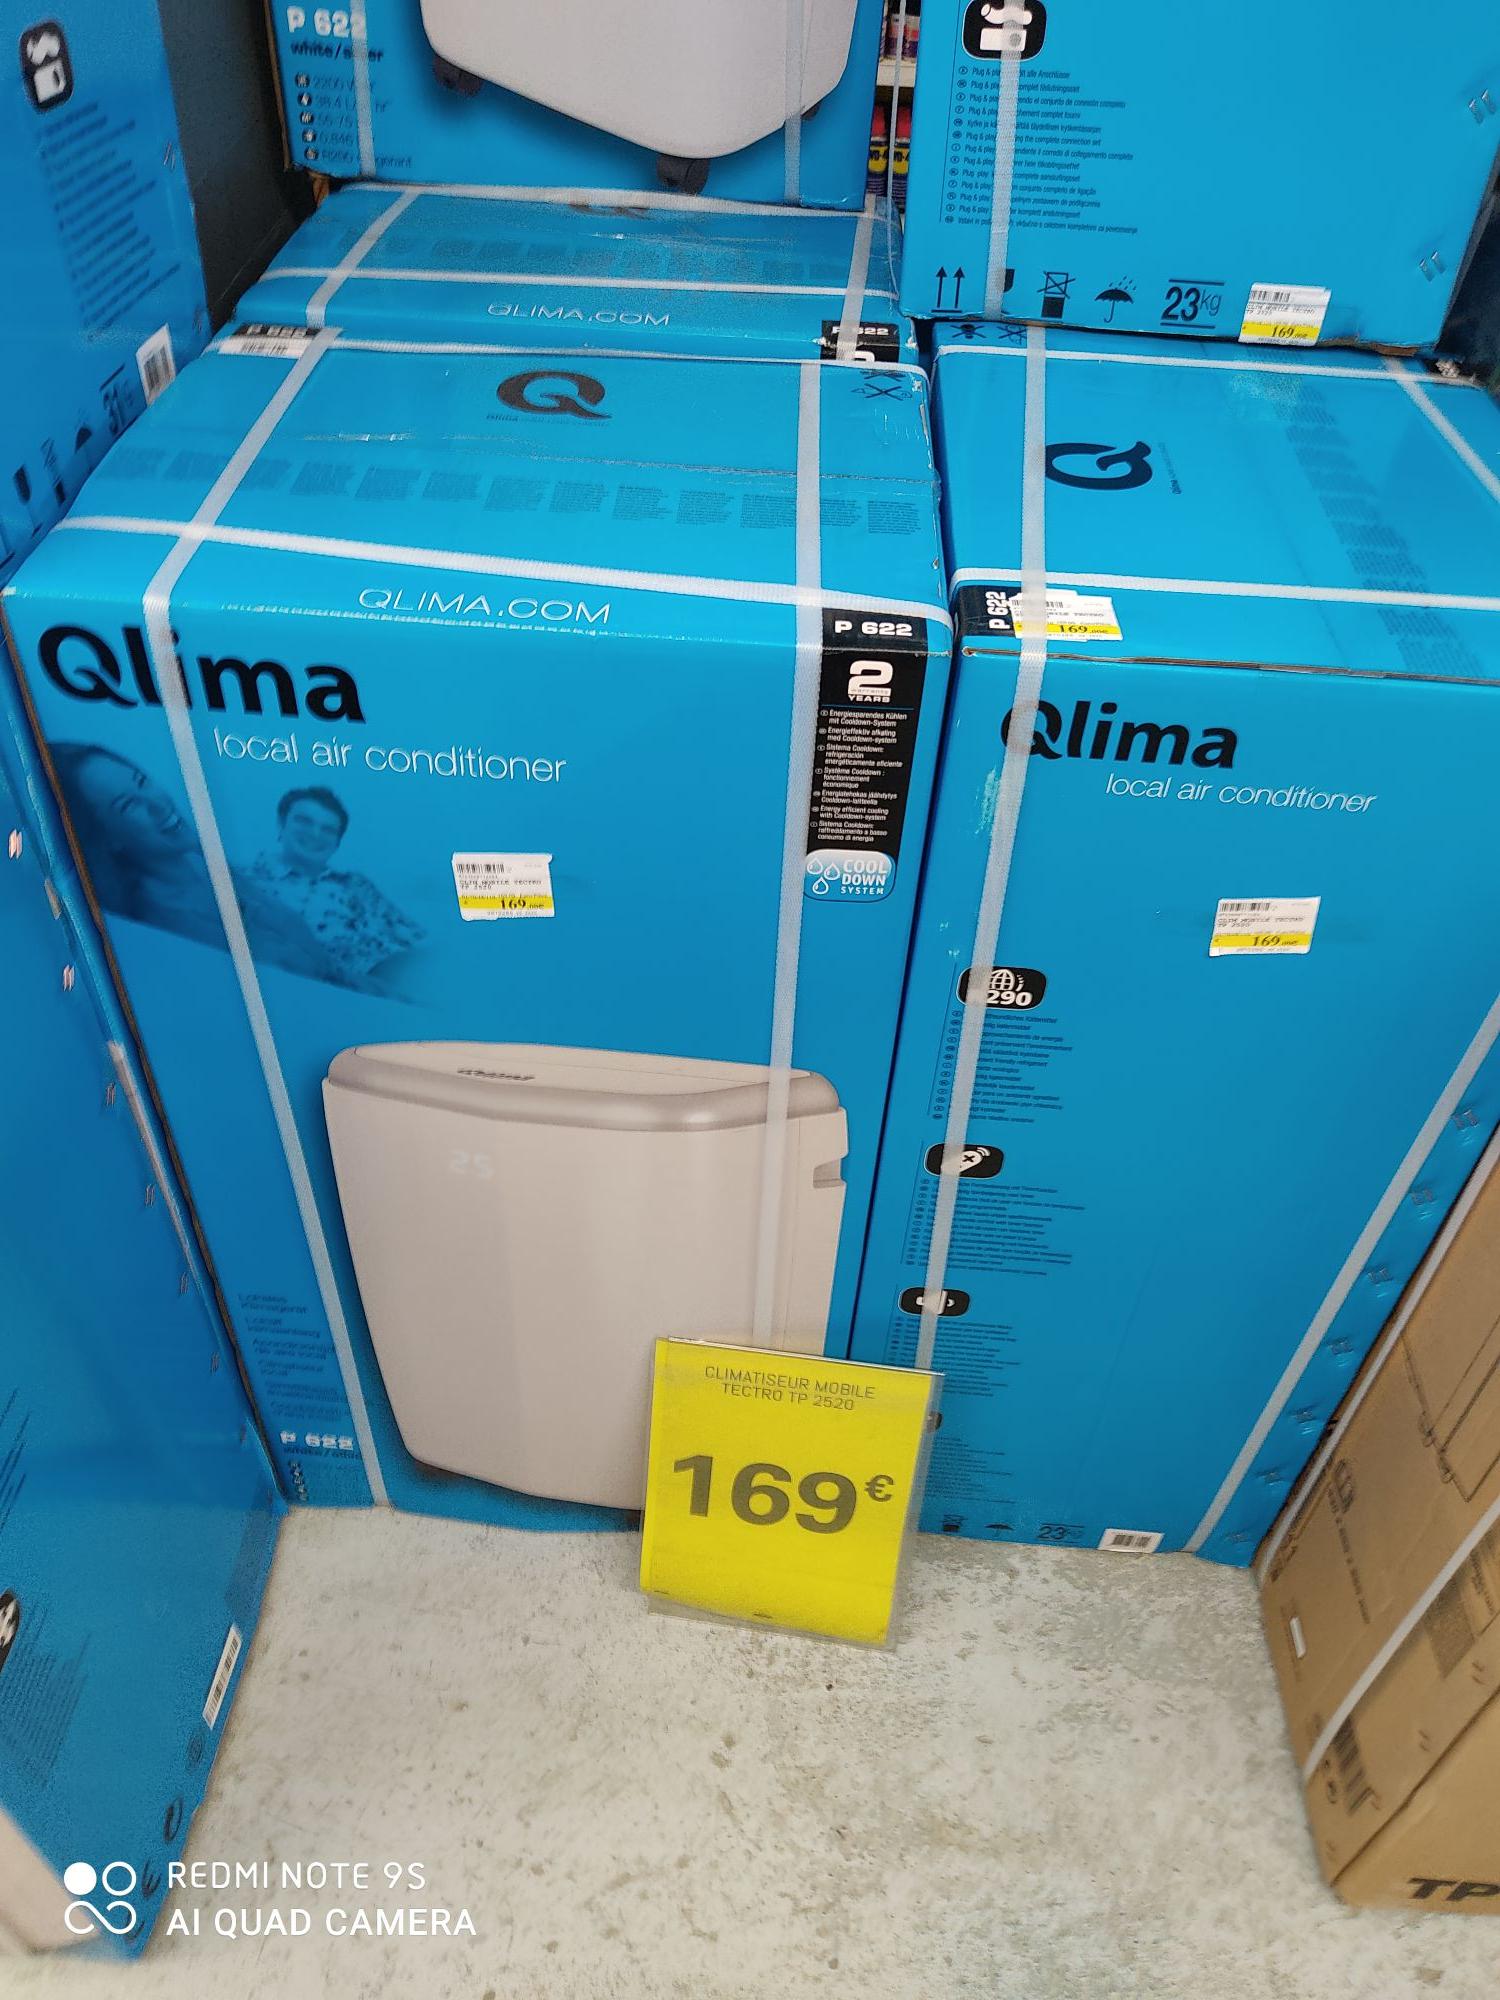 Climatiseur mobile Qlima P622 - 8000 BTU/h - Villeurbanne (69)